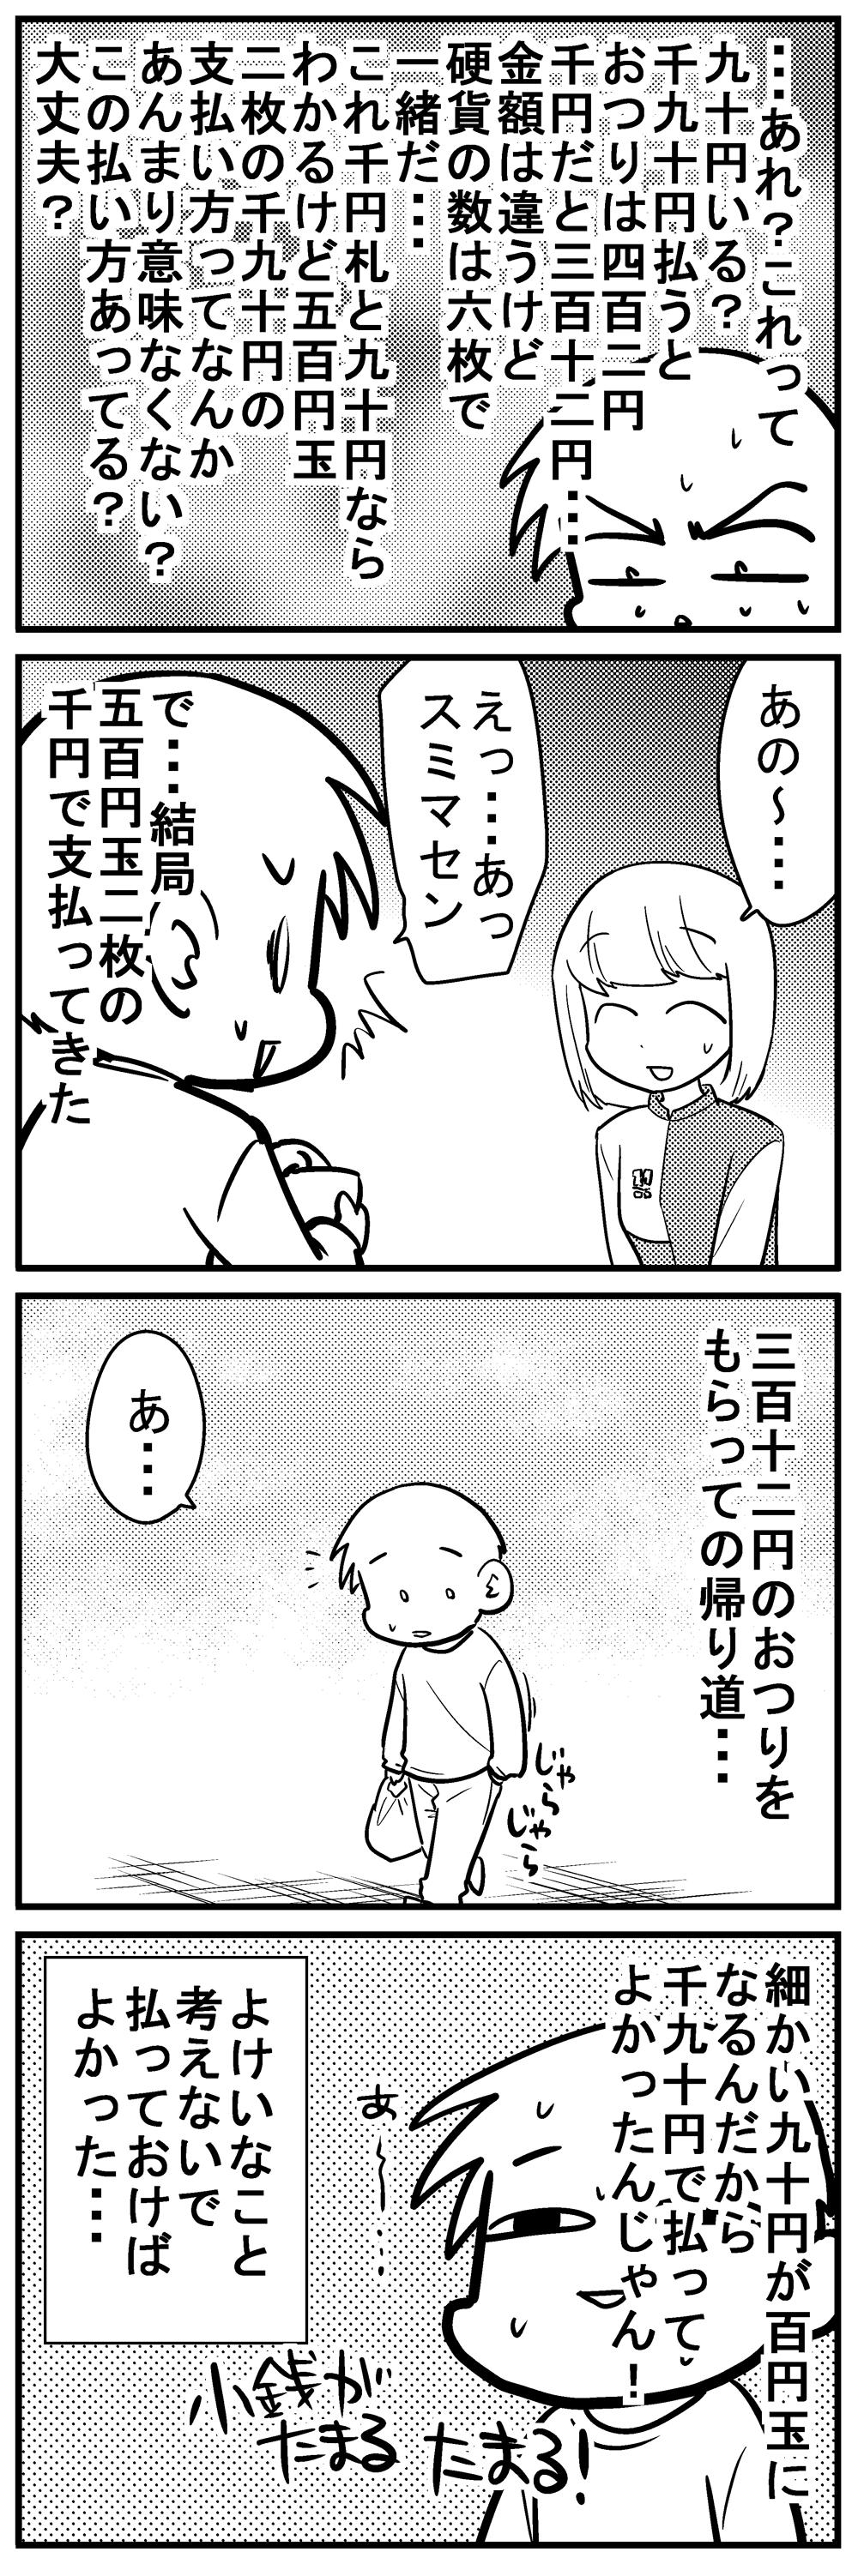 深読みくん118 2